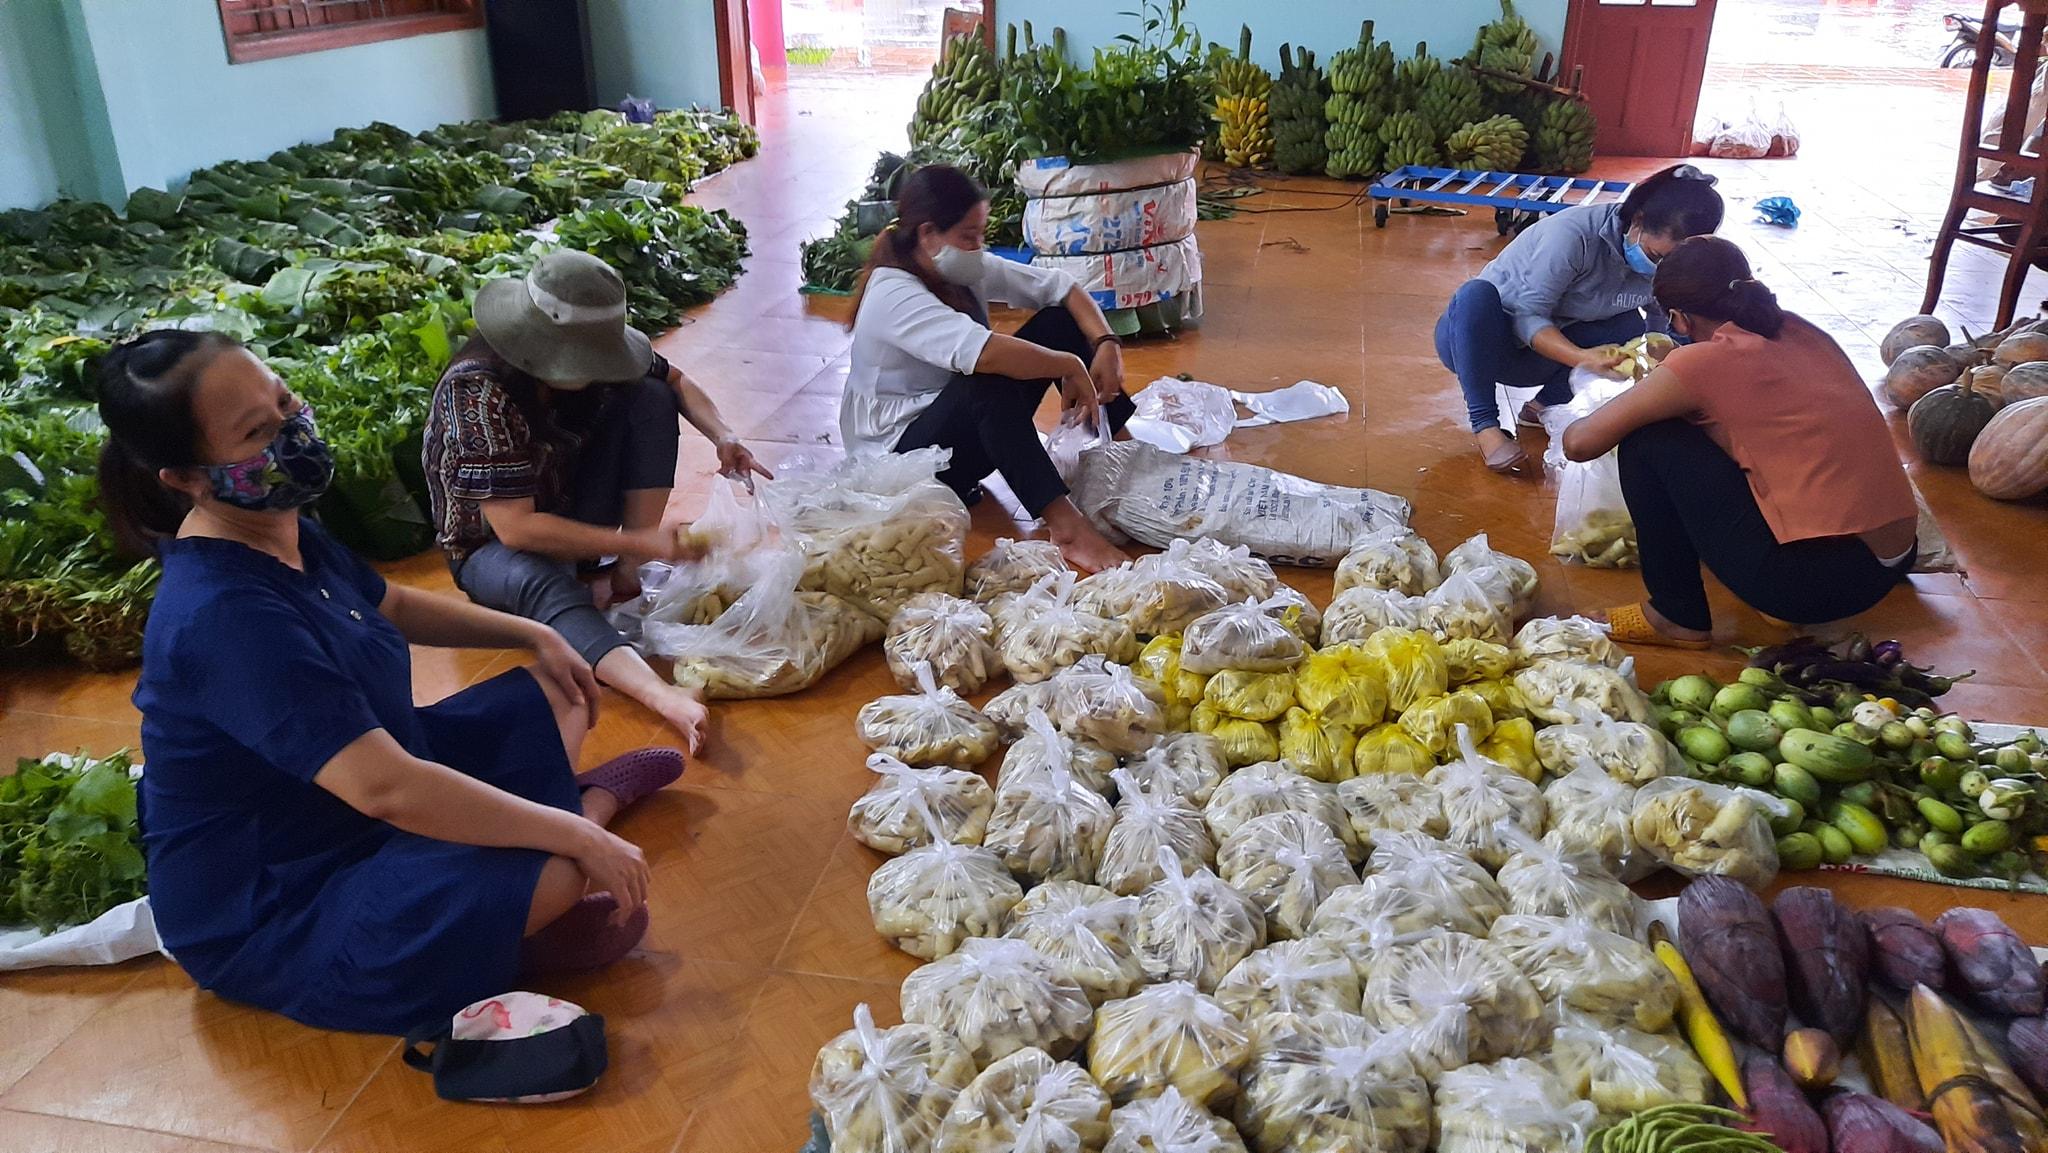 1 số hình ảnh khác được thầy giáo Nguyễn Trần Vỹ ghi lại.